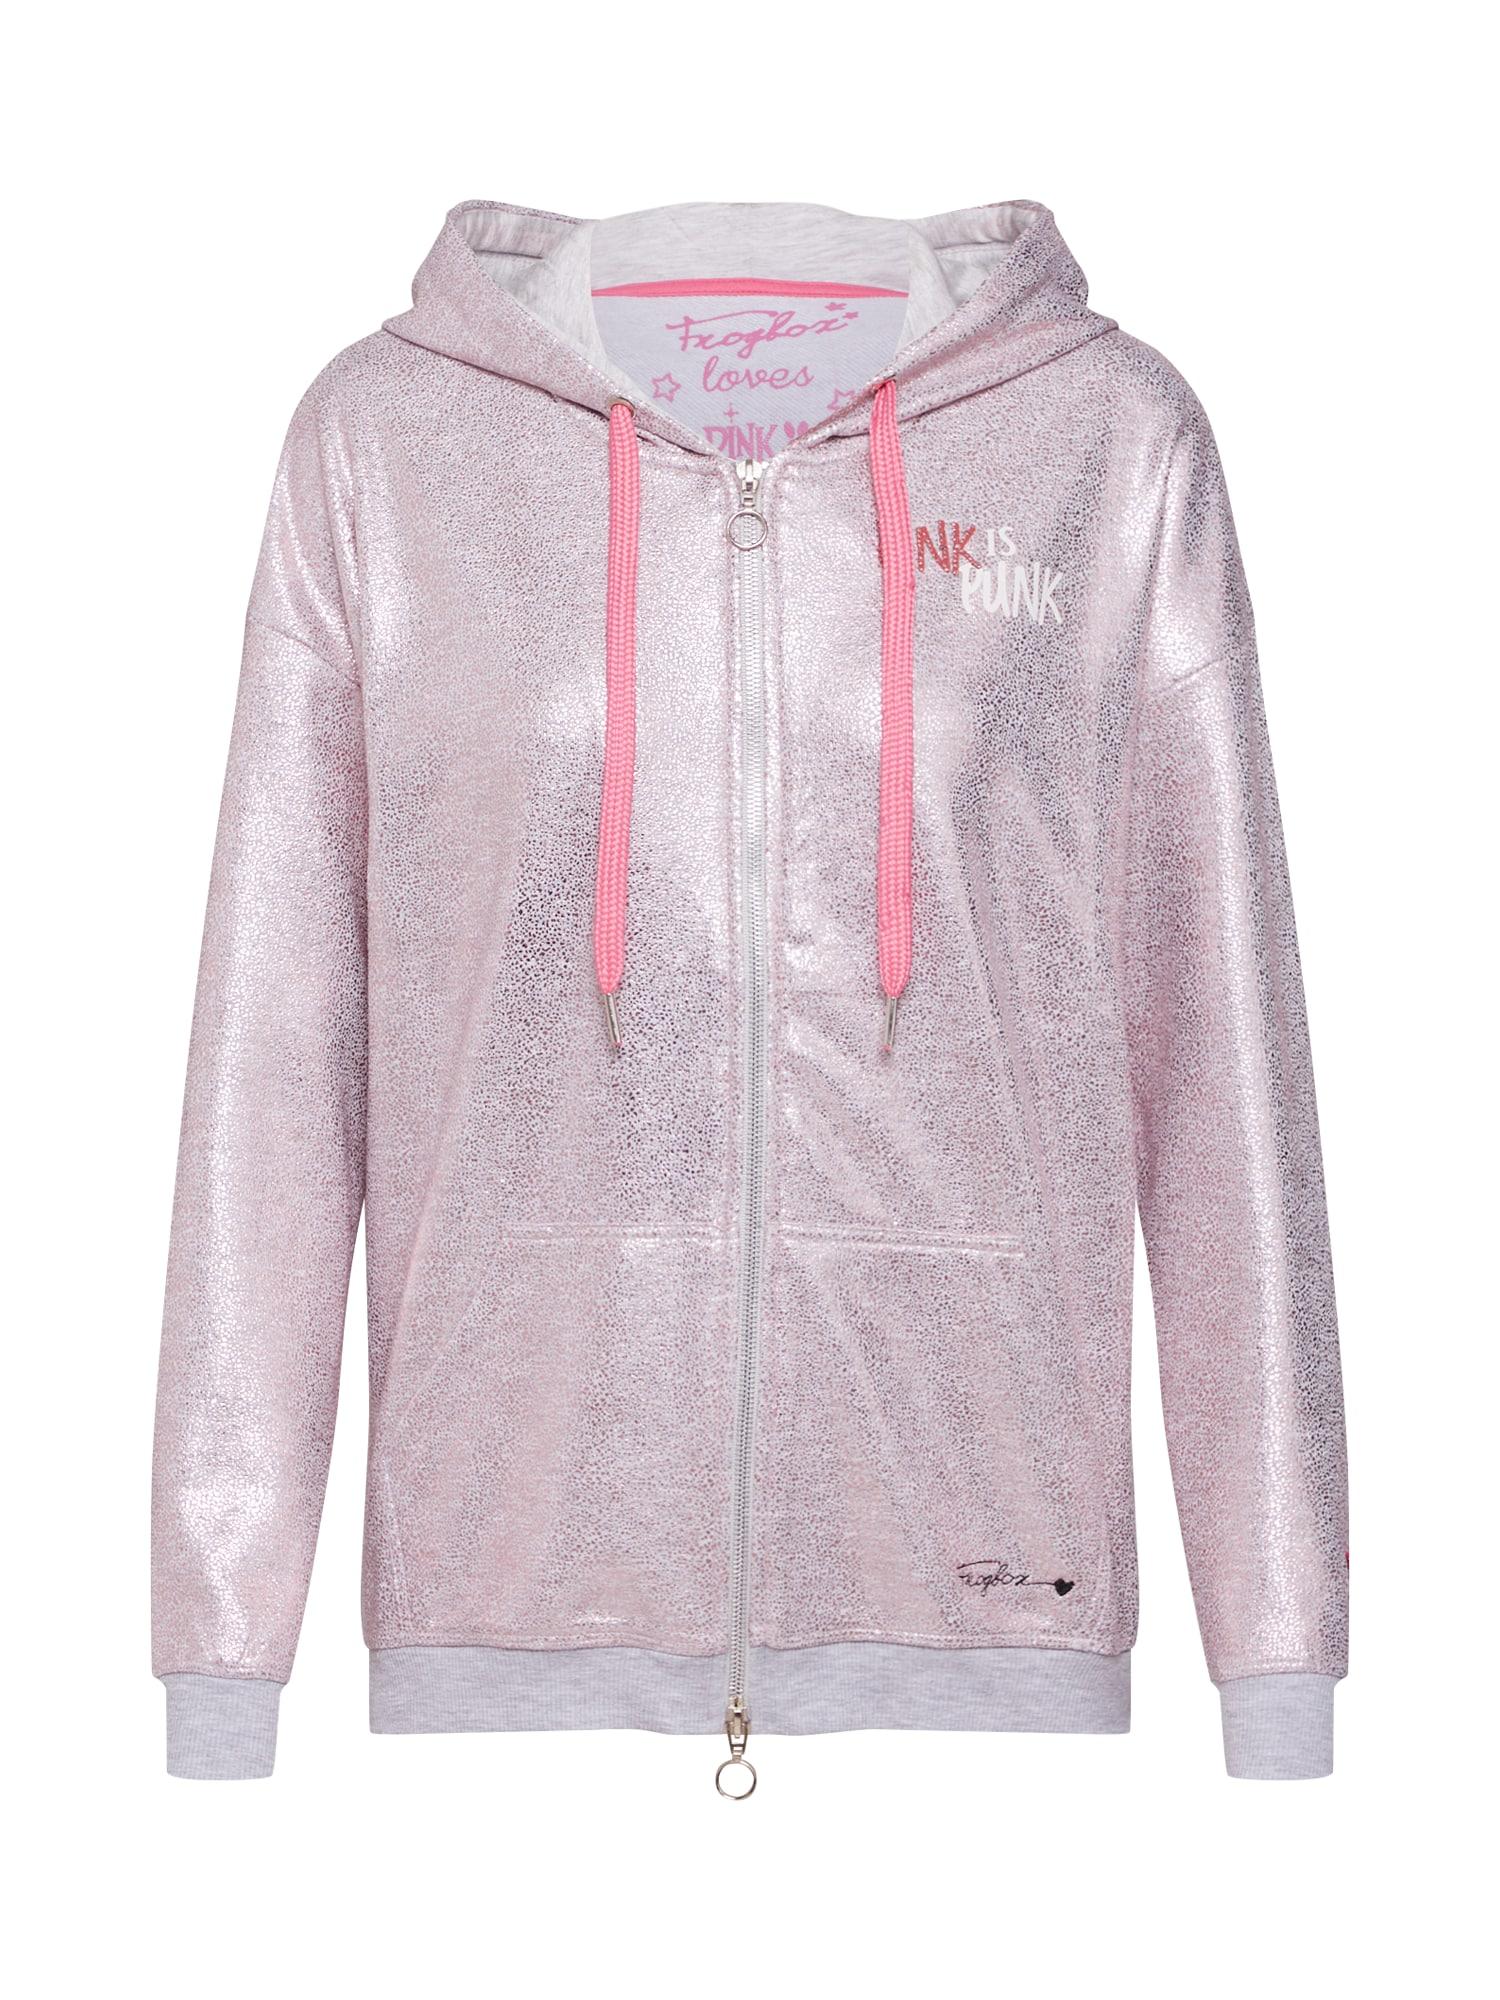 Mikina s kapucí Sweat jacket hoody pinkpanther růže Frogbox